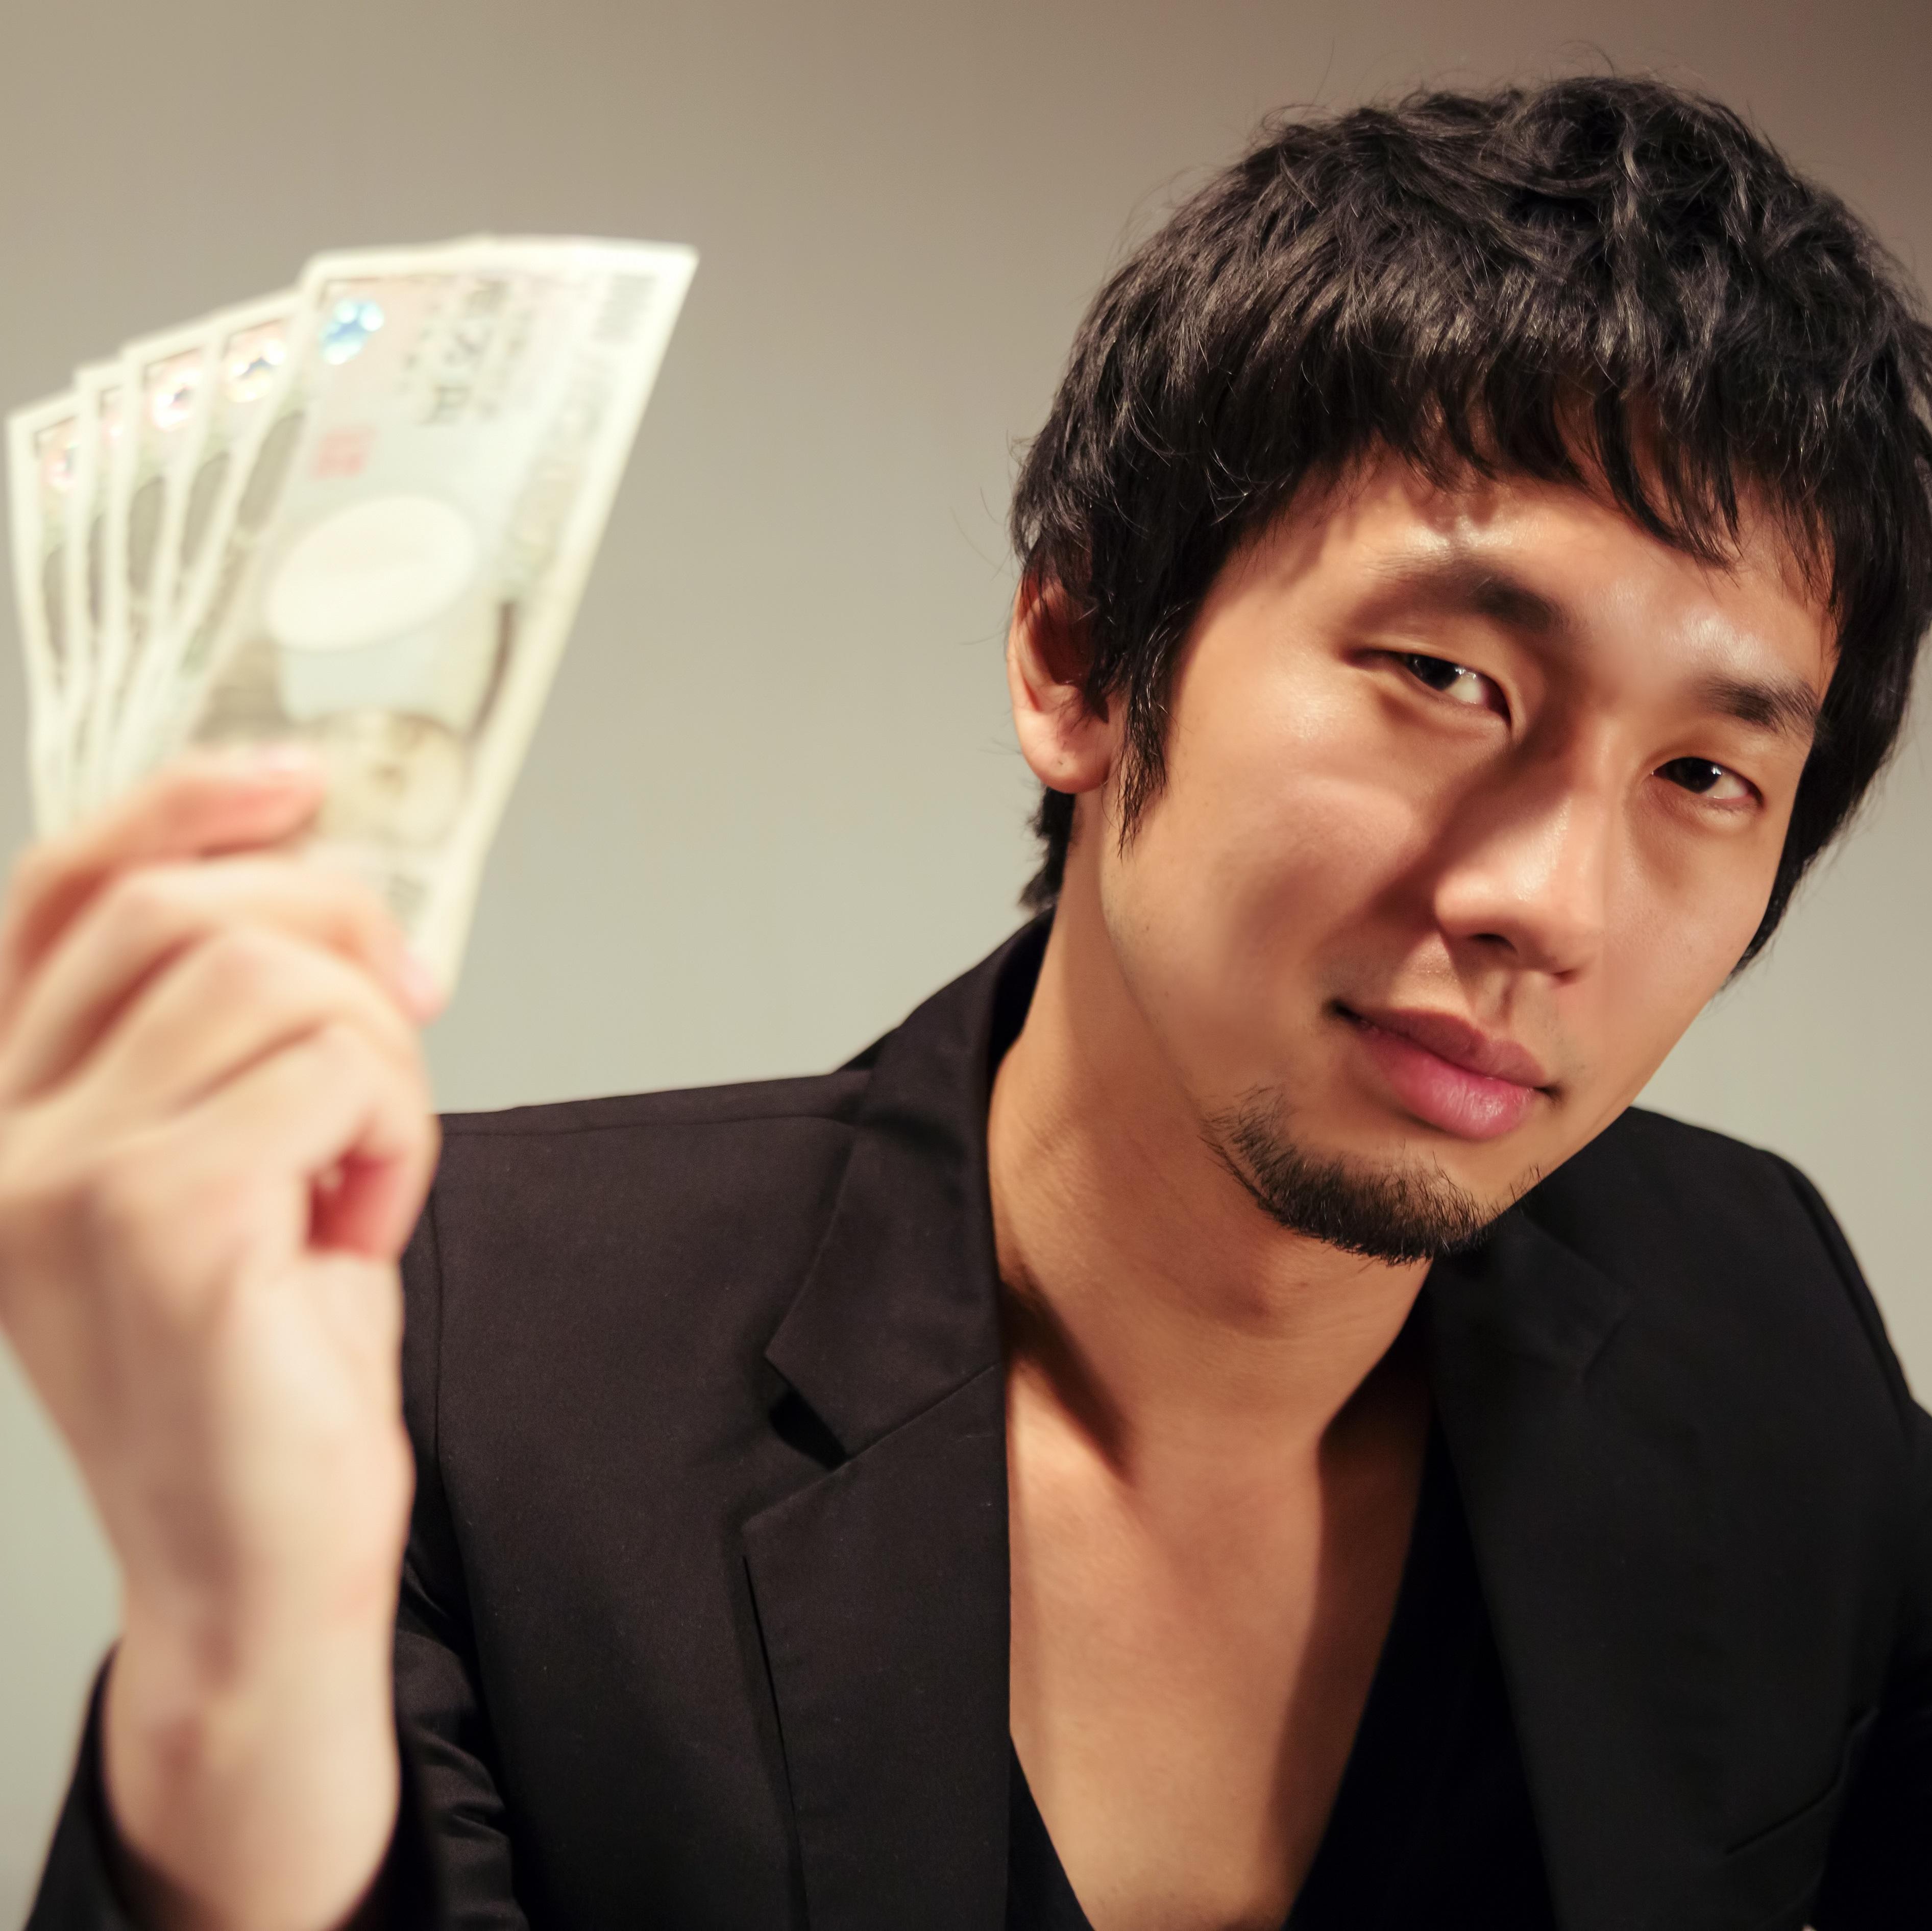 初対面でいきなり「年収いくら?」 大阪人なら「あっさり教えてくれる」らしい